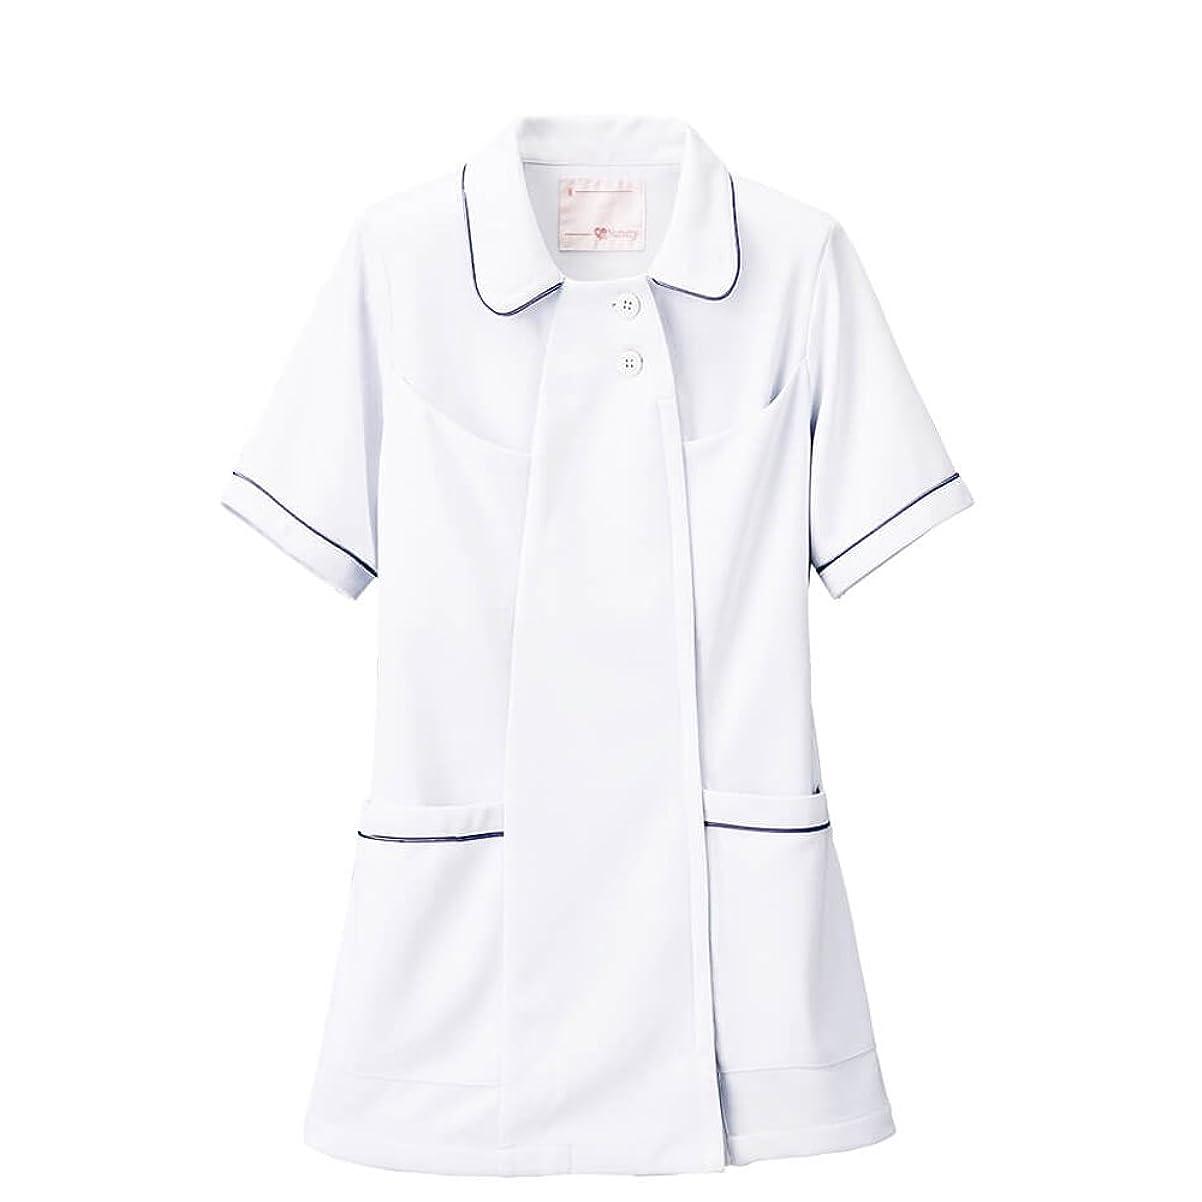 いわゆる深遠慣習ナースリー オープンカラーパイピングジャケット/透けにくい/ストレッチ/医療/看護/白衣/レディース LL ホワイト×ネイビー 769403